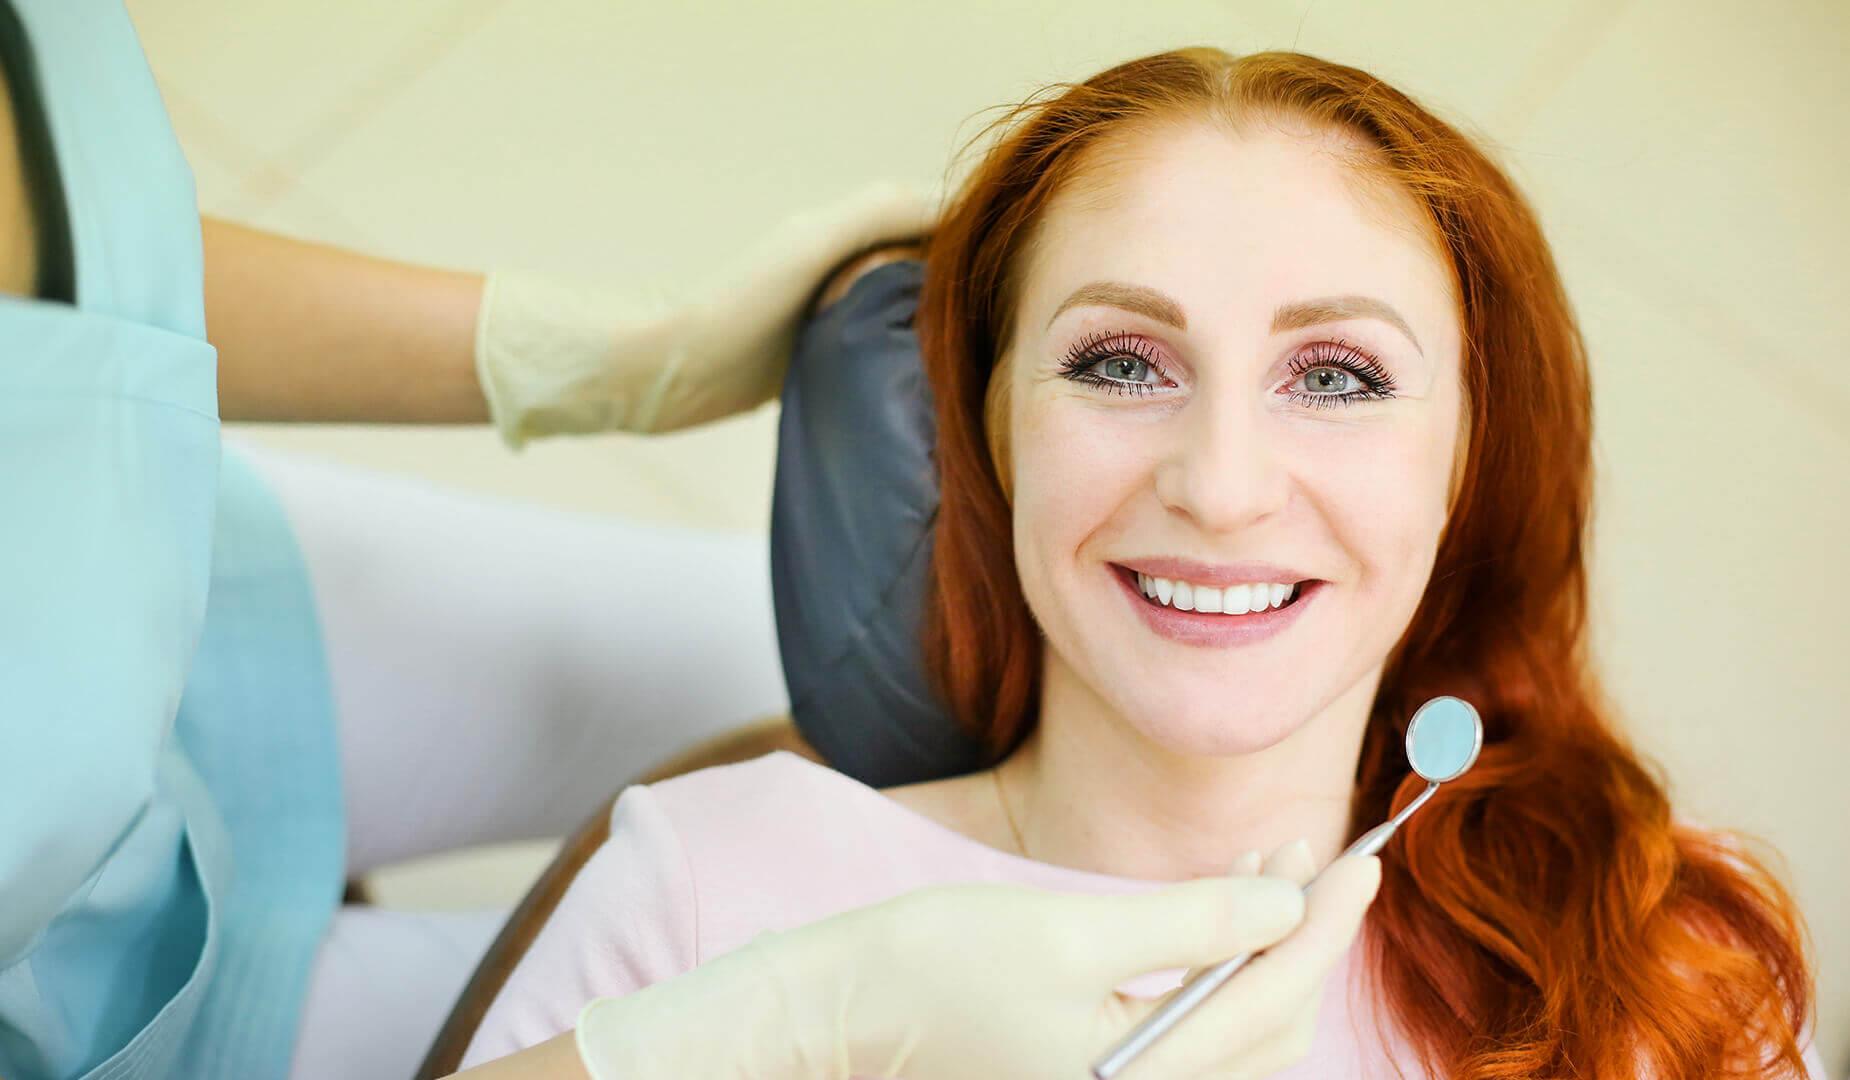 Пациентка довольна результатом лечения